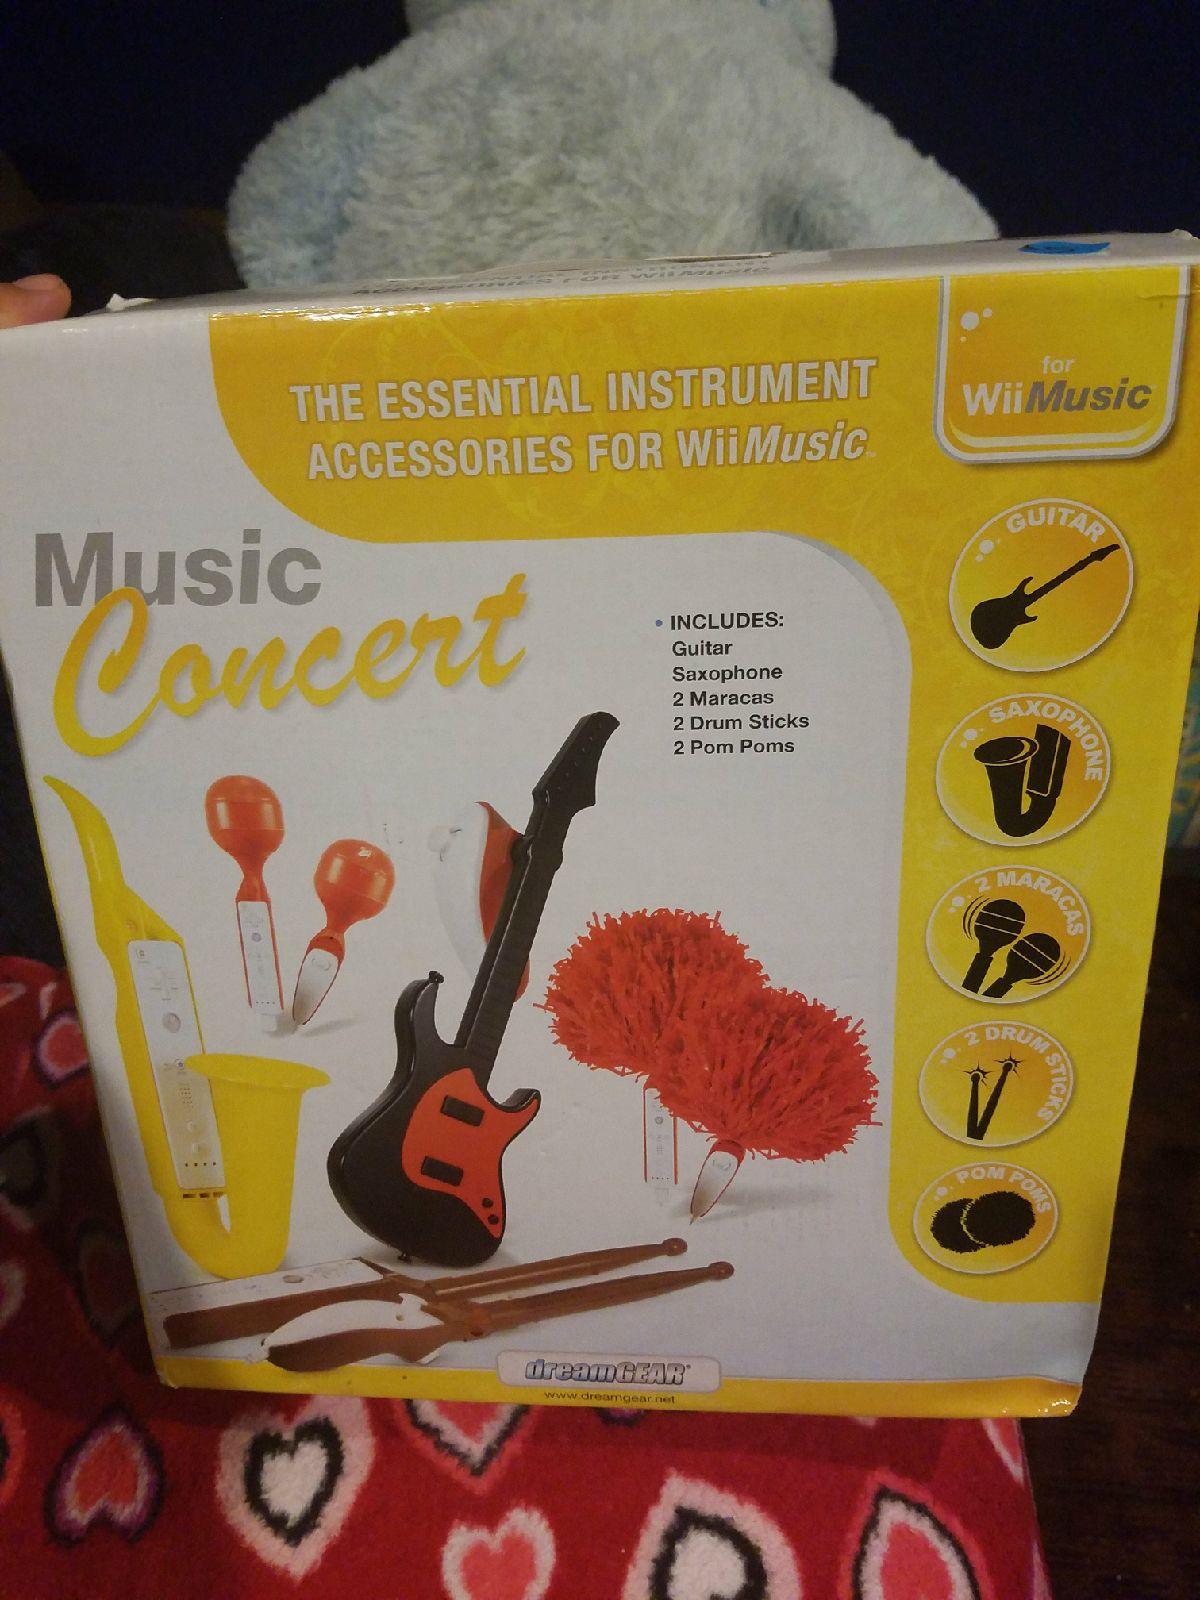 Wii Music Essentials instruments